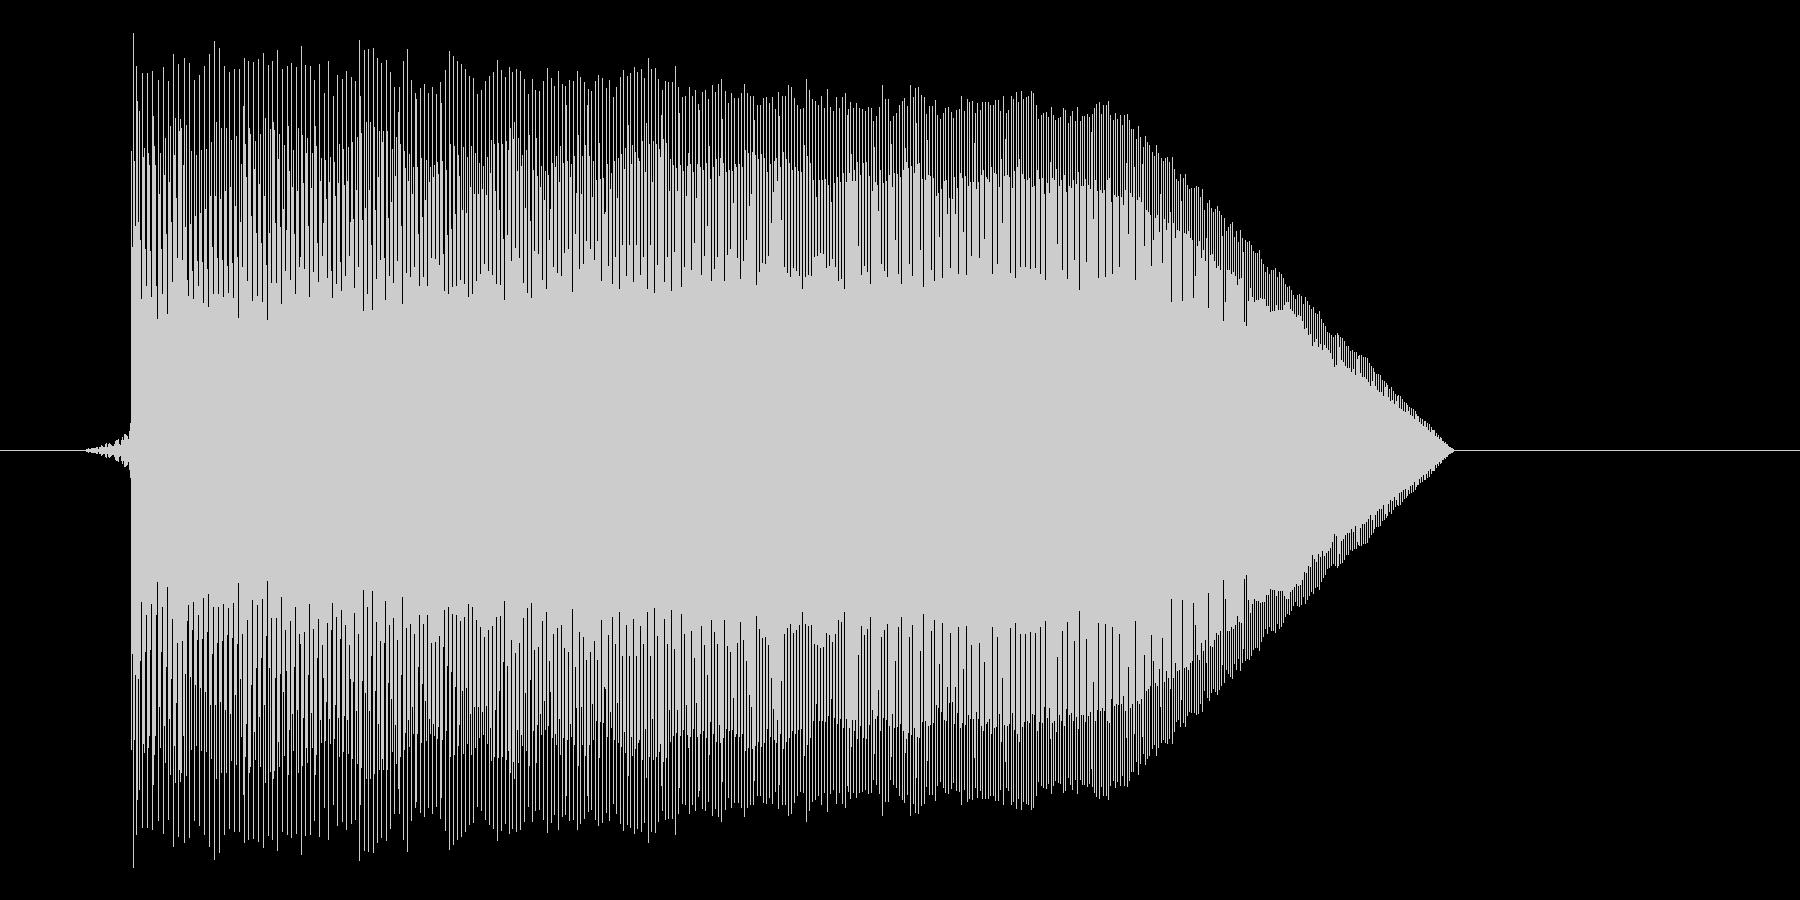 ゲーム(ファミコン風)ジャンプ音_004の未再生の波形